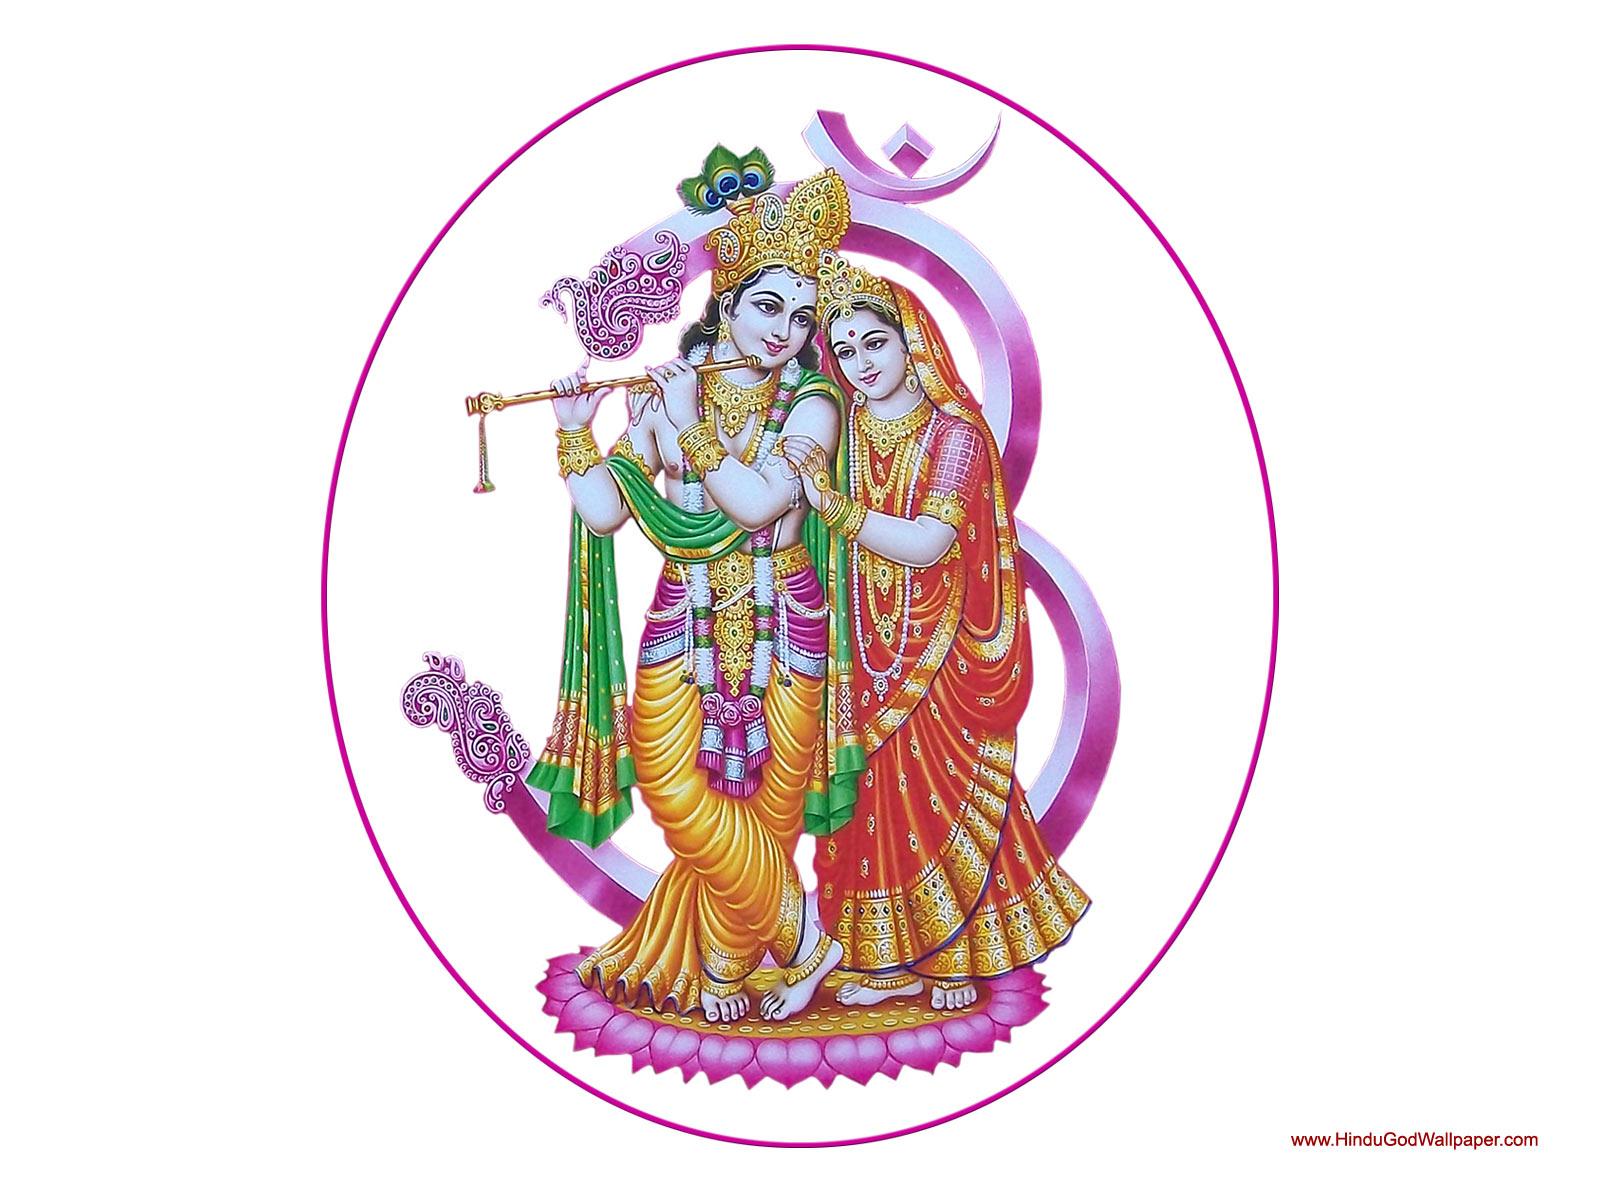 Download Shri Radha Krishna Wallpaper Full Size Hd